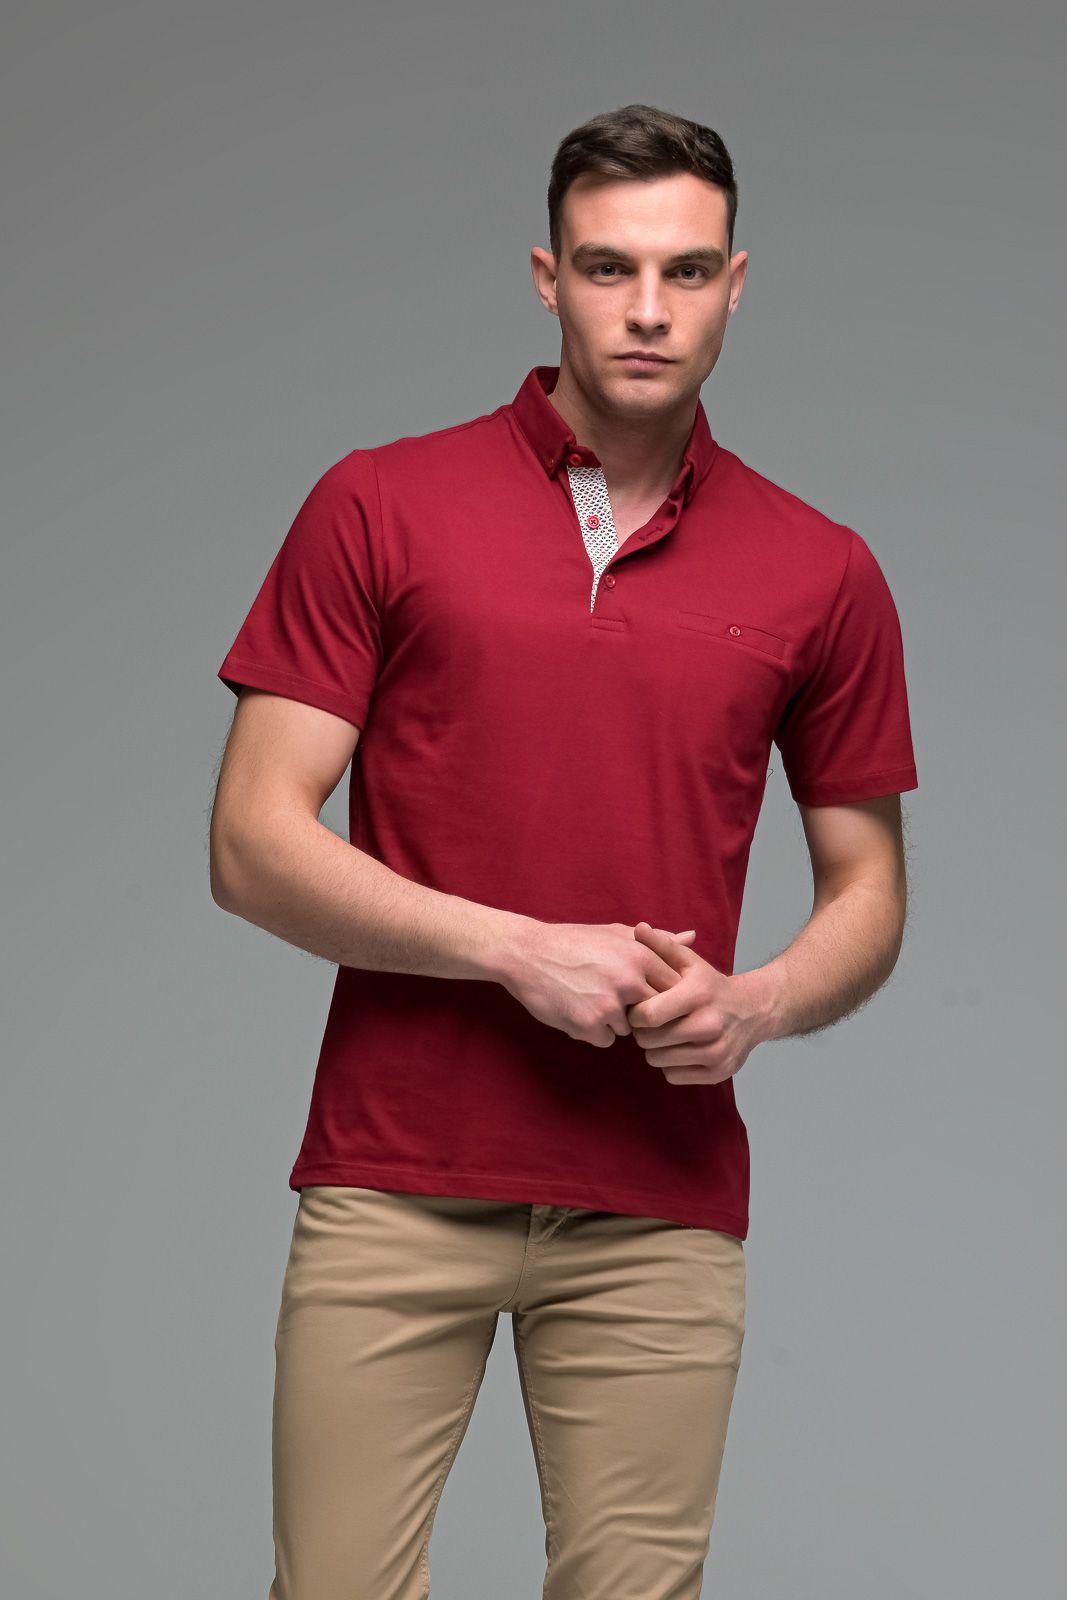 Κόκκινο Ανδρικό Πόλο Μπλουζάκι με Τσεπάκι